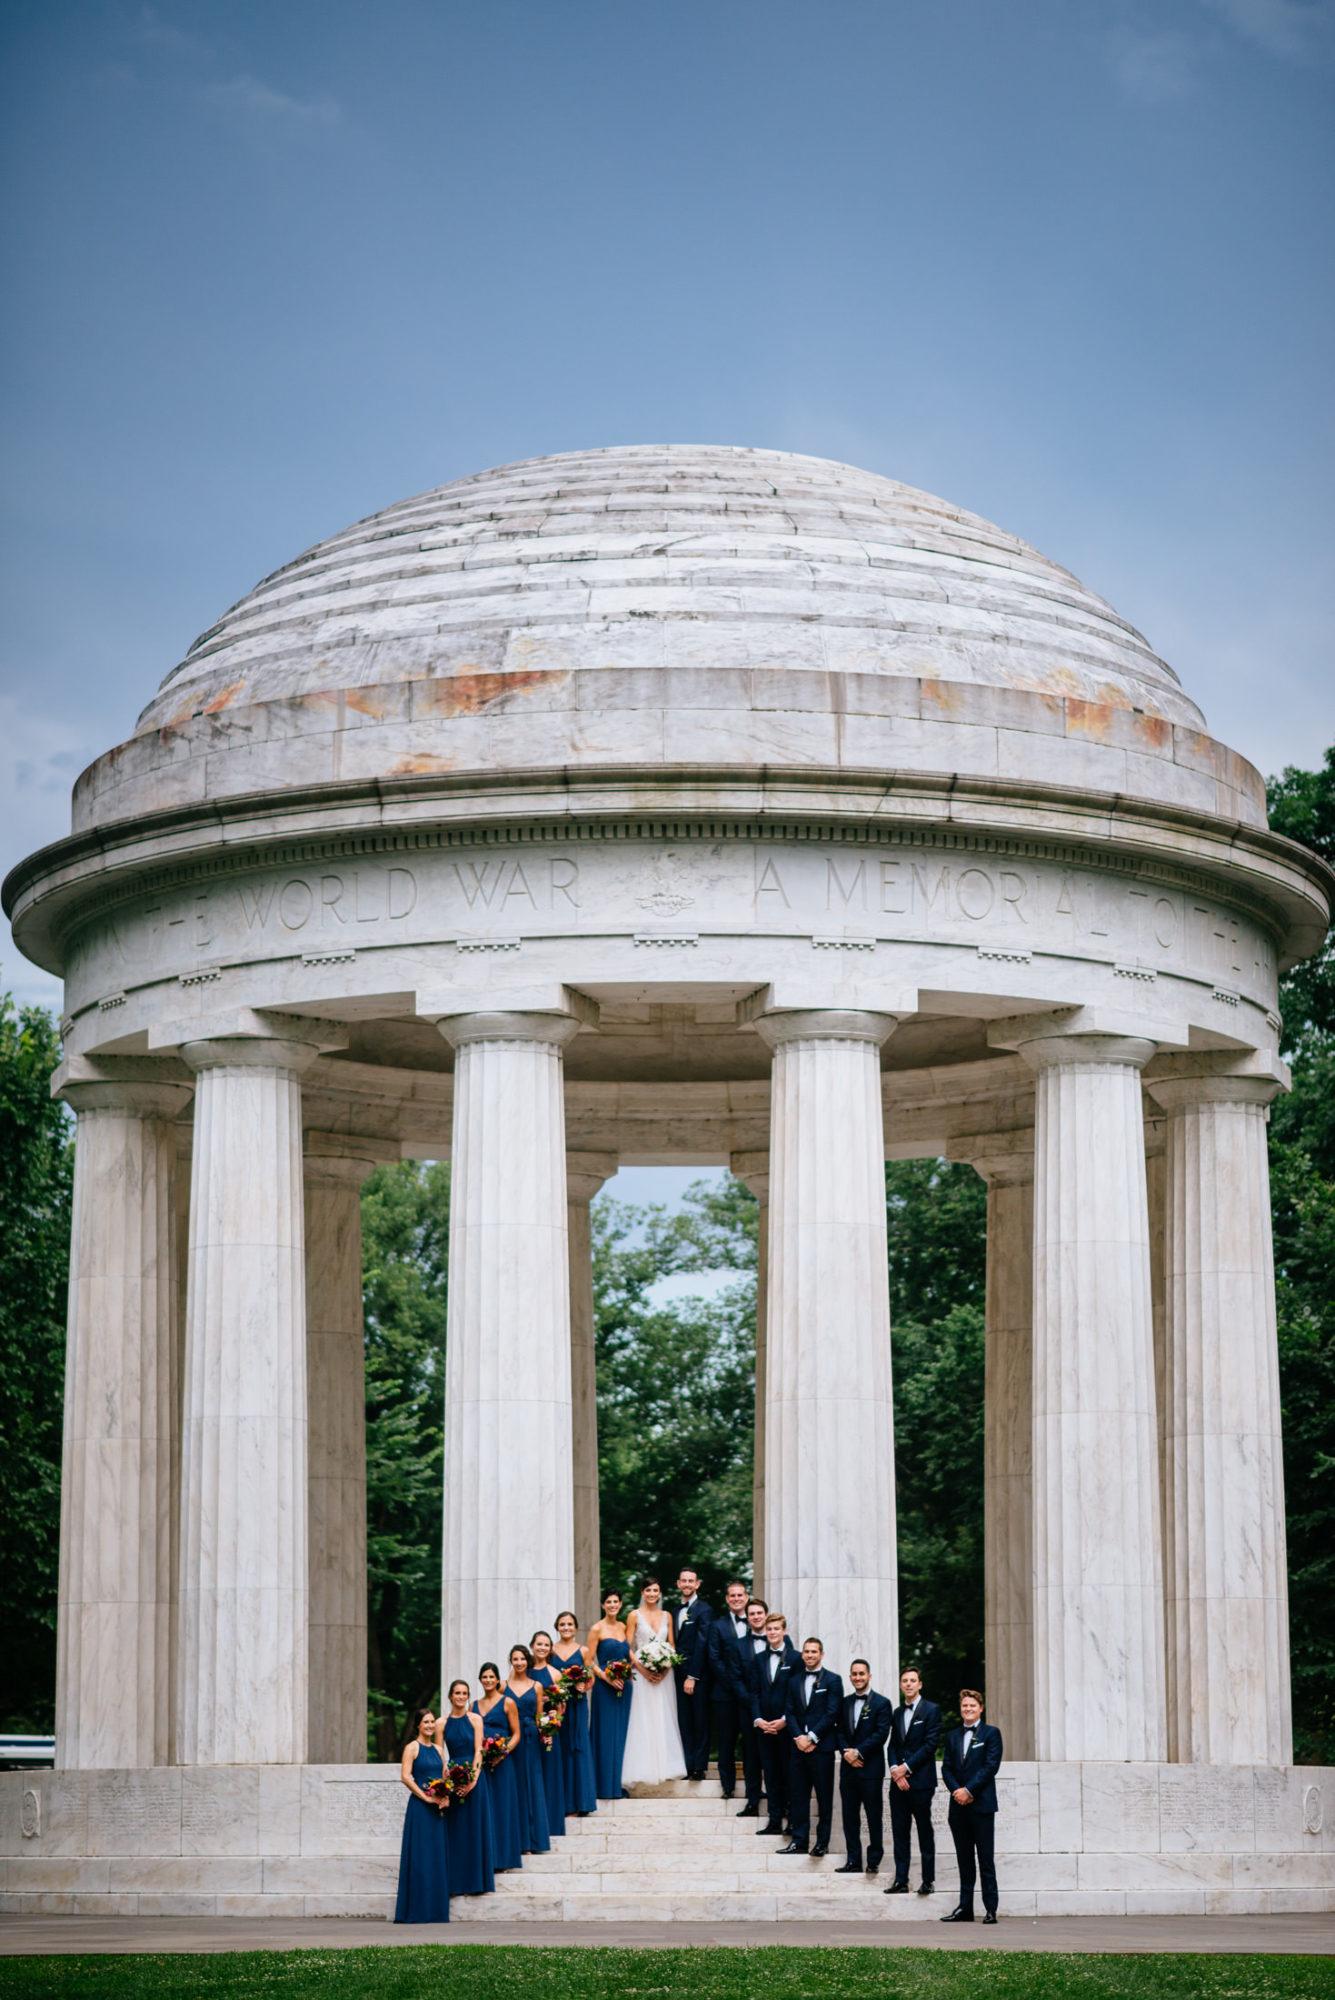 war memorial washington dc wedding party photo